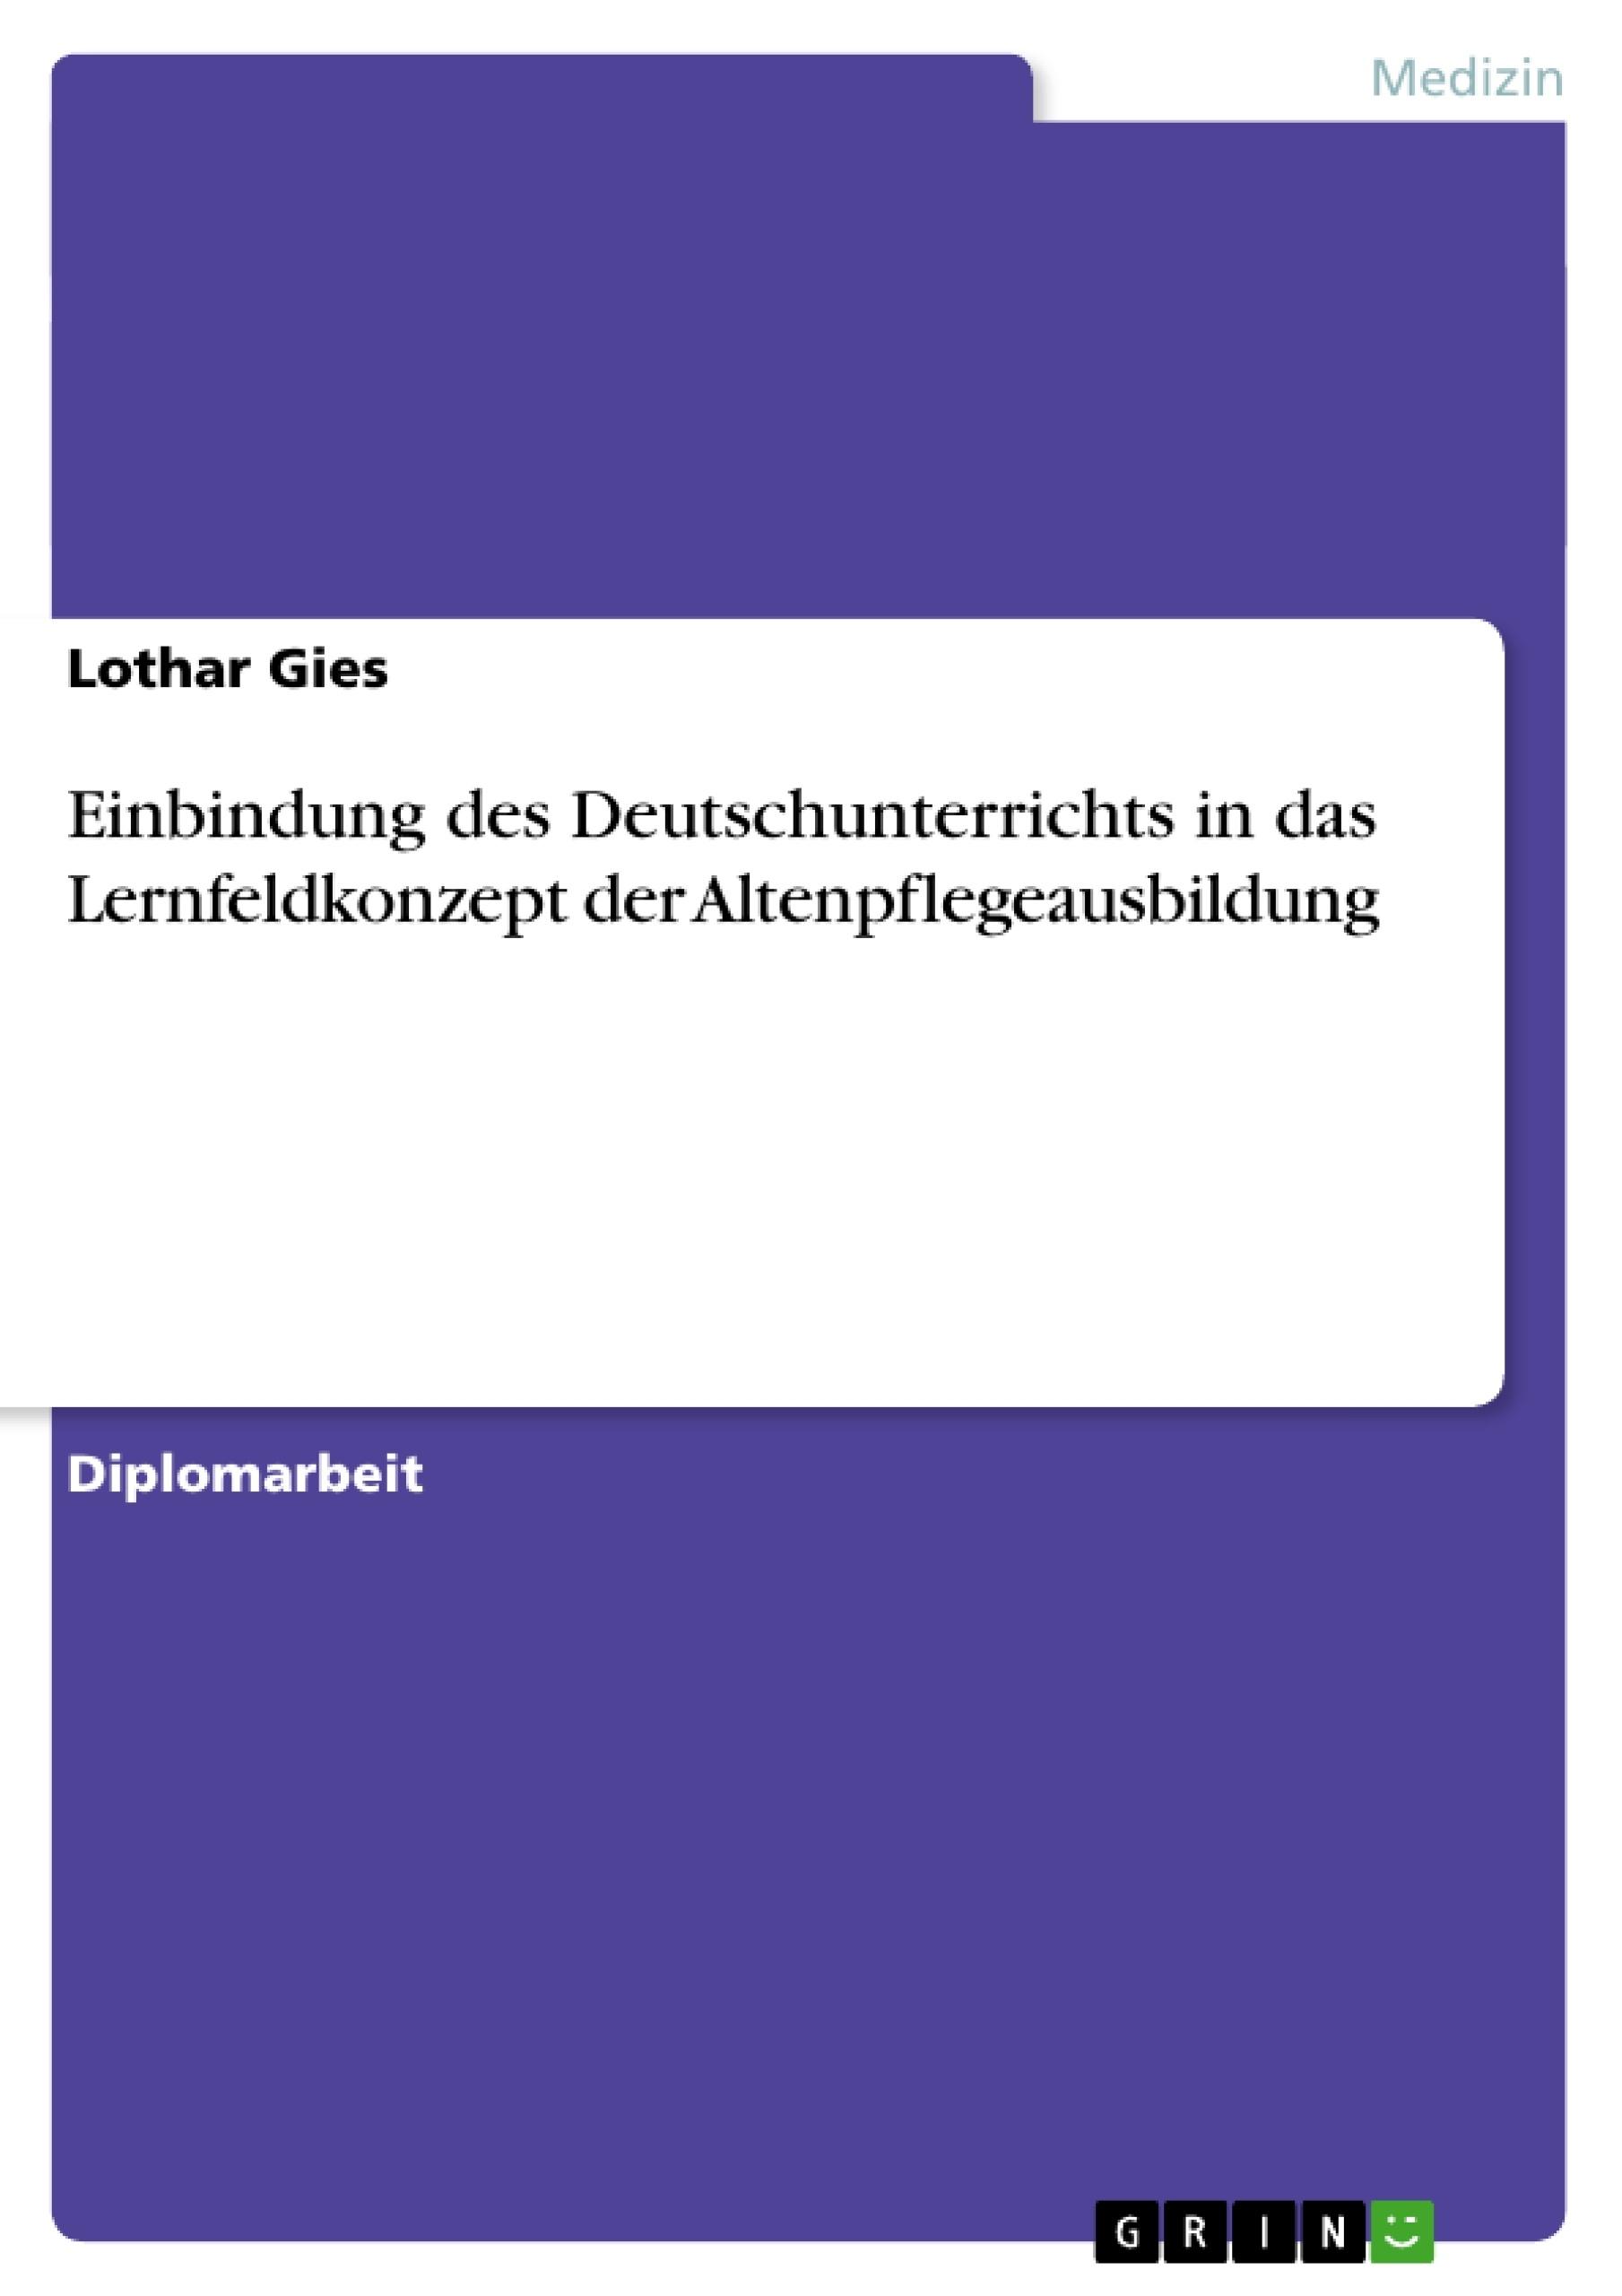 Titel: Einbindung des Deutschunterrichts in das Lernfeldkonzept der Altenpflegeausbildung